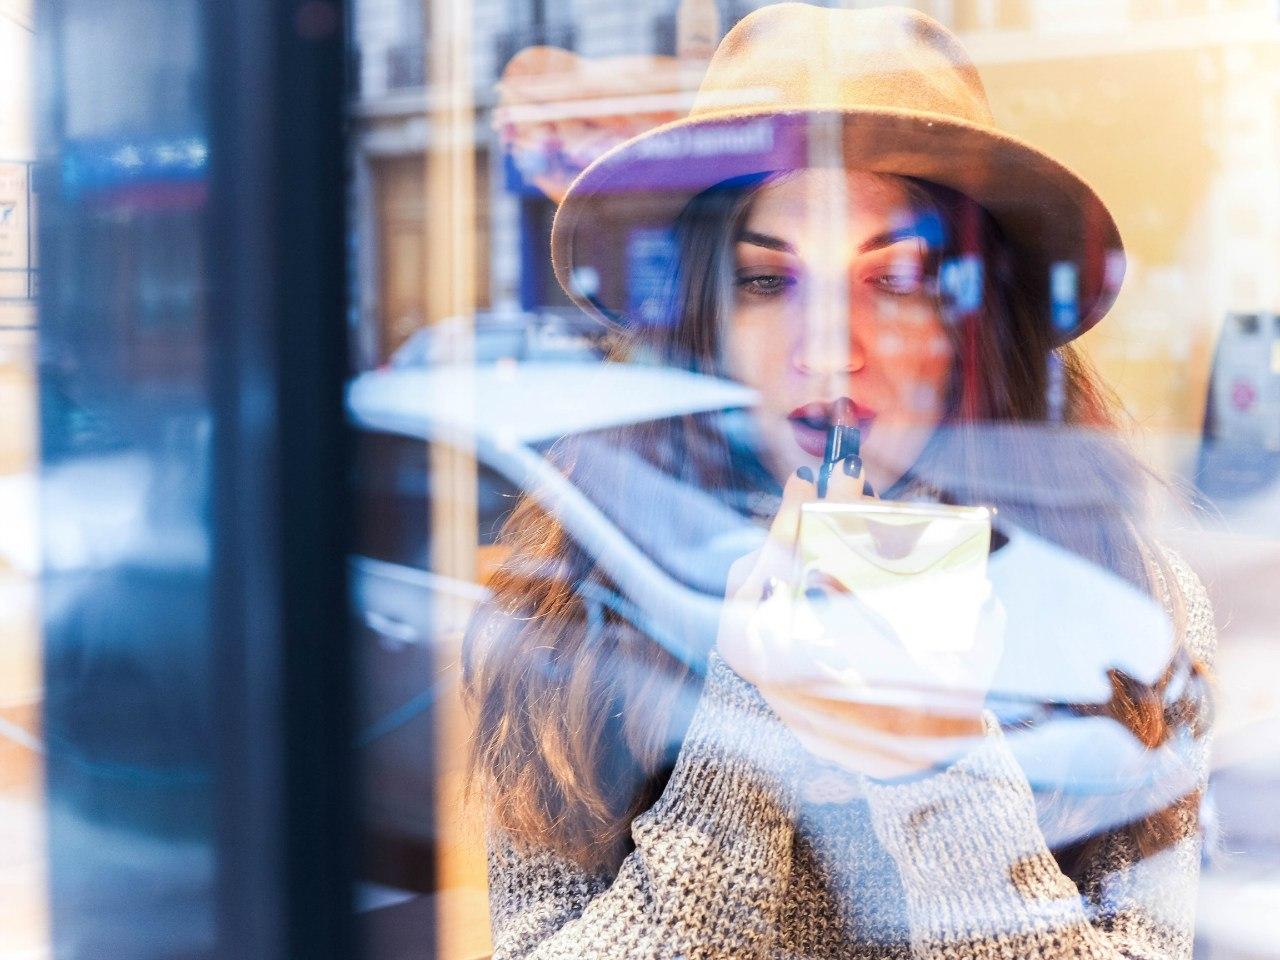 фотография через стекло кафе